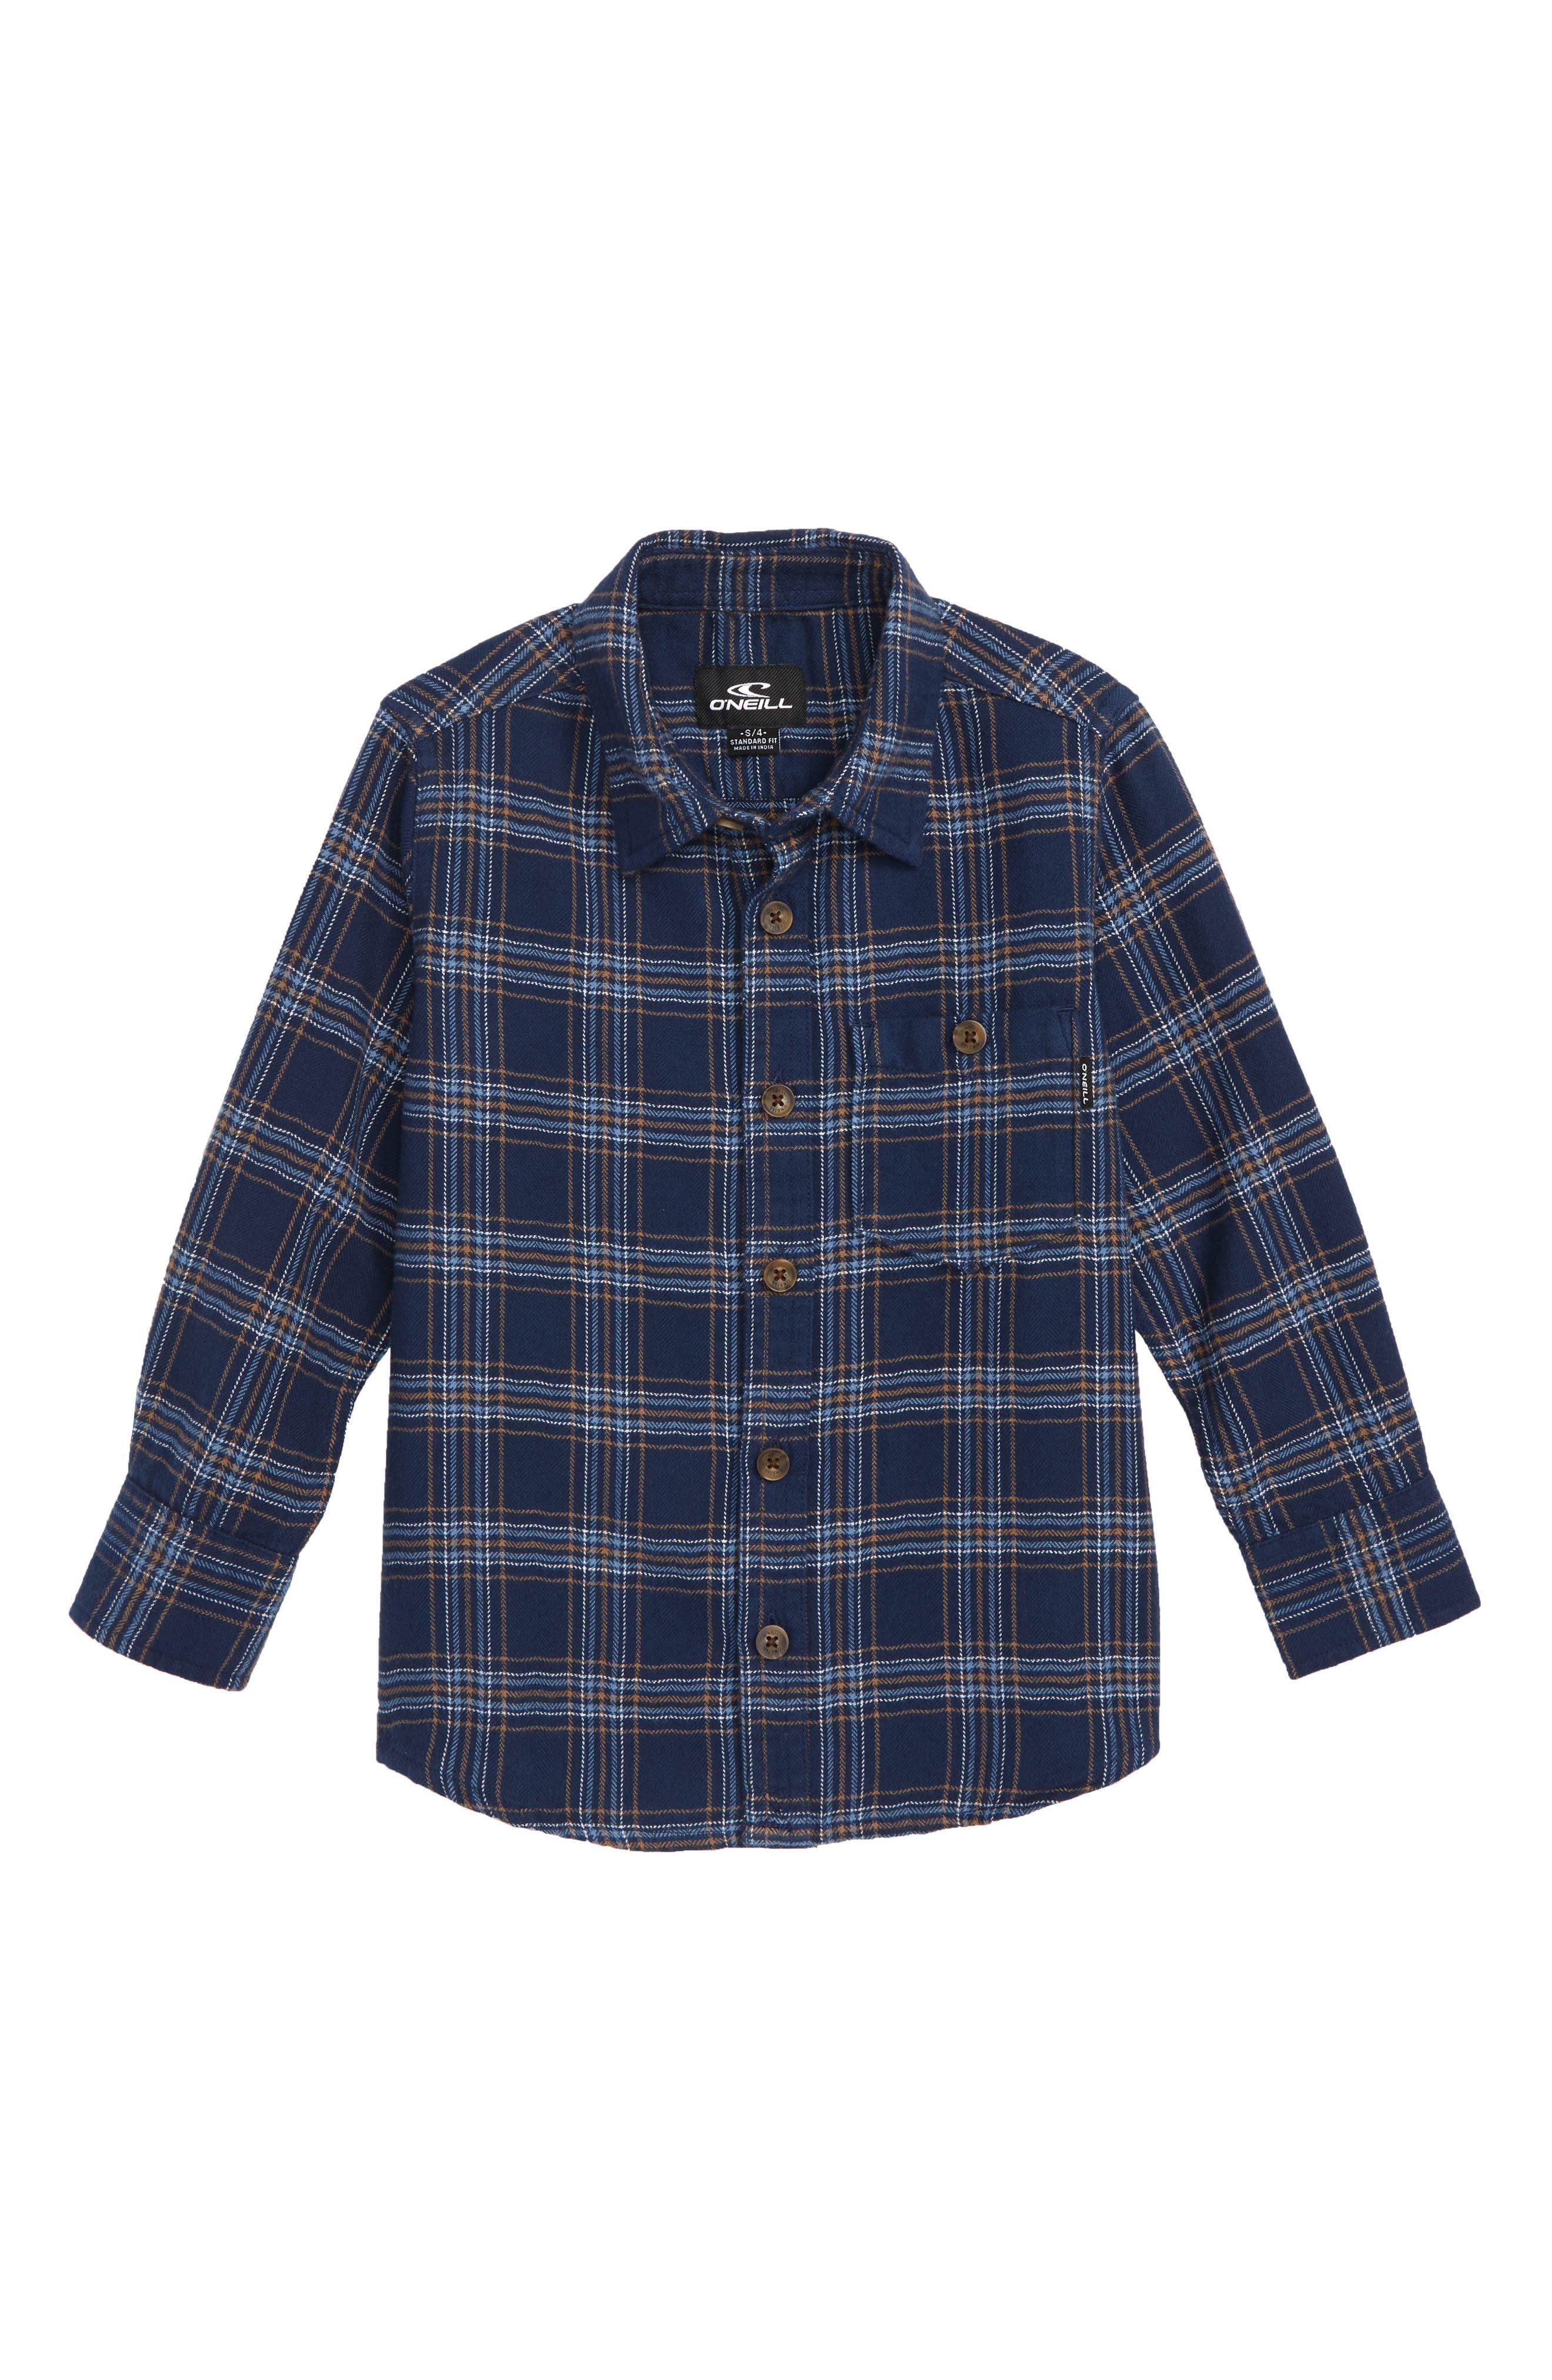 Redmond Flannel Shirt,                             Main thumbnail 1, color,                             410